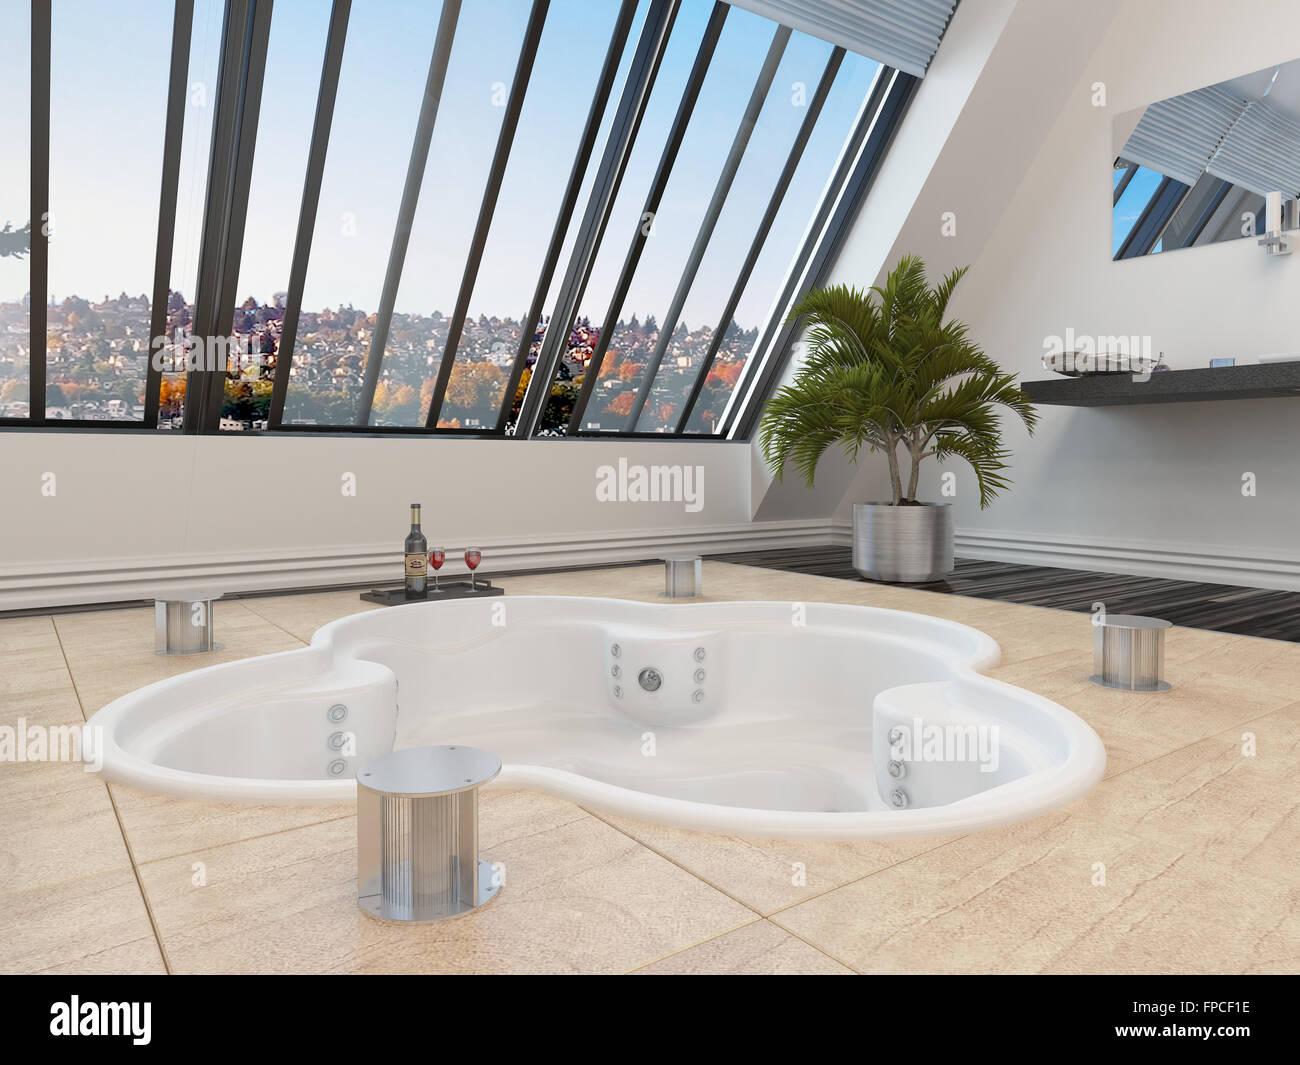 Versunkene Dreiblatt Geformt, Whirlpool Oder Spa Bad In Ein Modernes  Badezimmer, Die Durch Große Schräge Fenster Mit Einem Urbanen Blick  übersehen